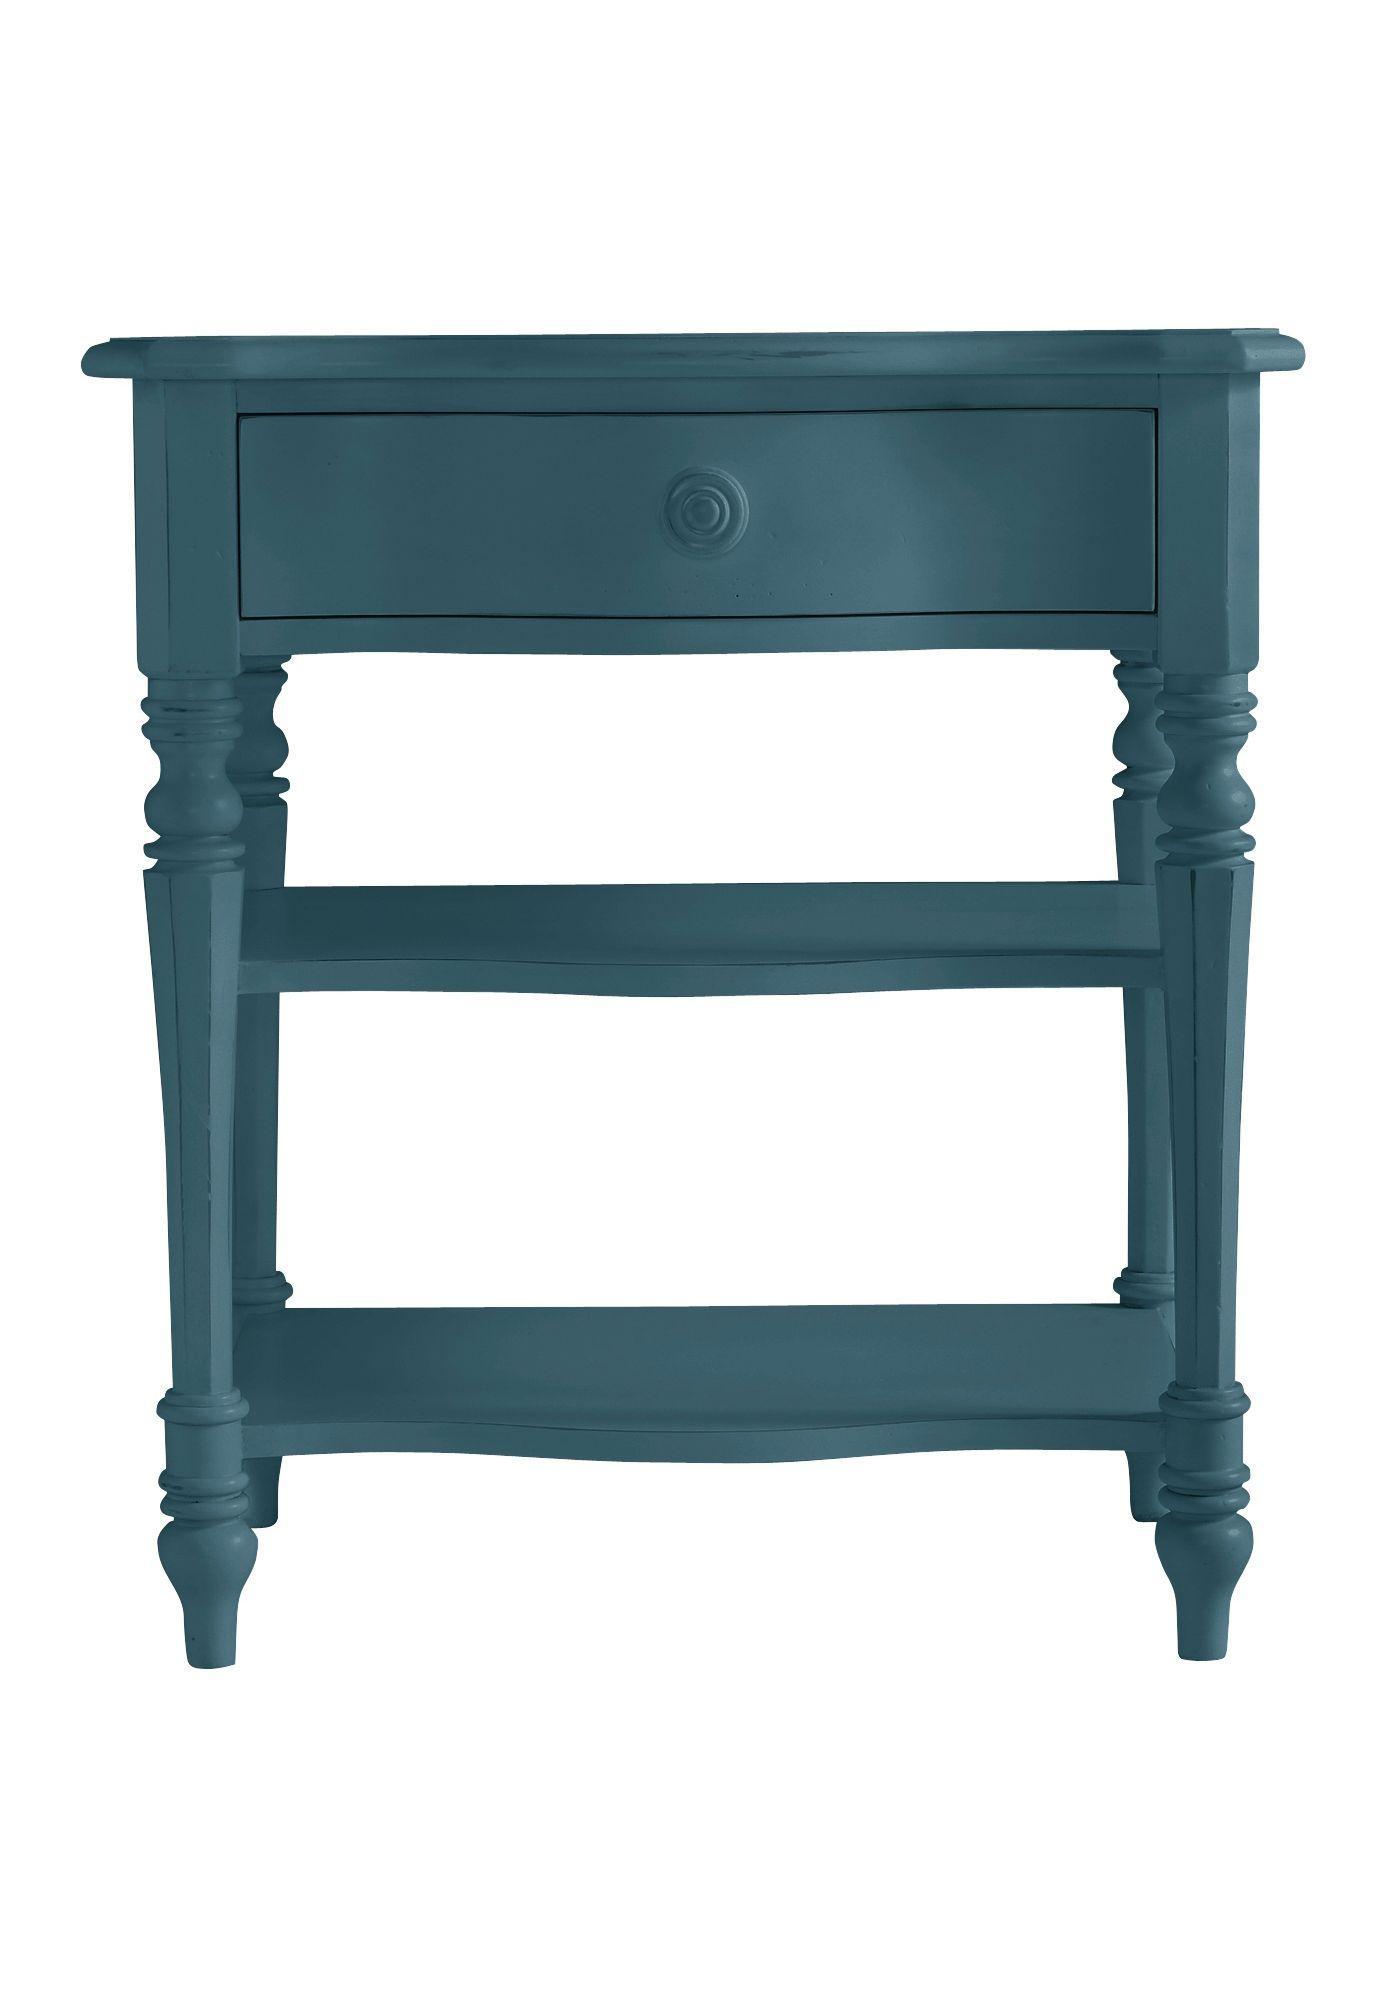 Stanley Furniture Coastal Living Retreat Bedside Table - Item Number: 411-53-81